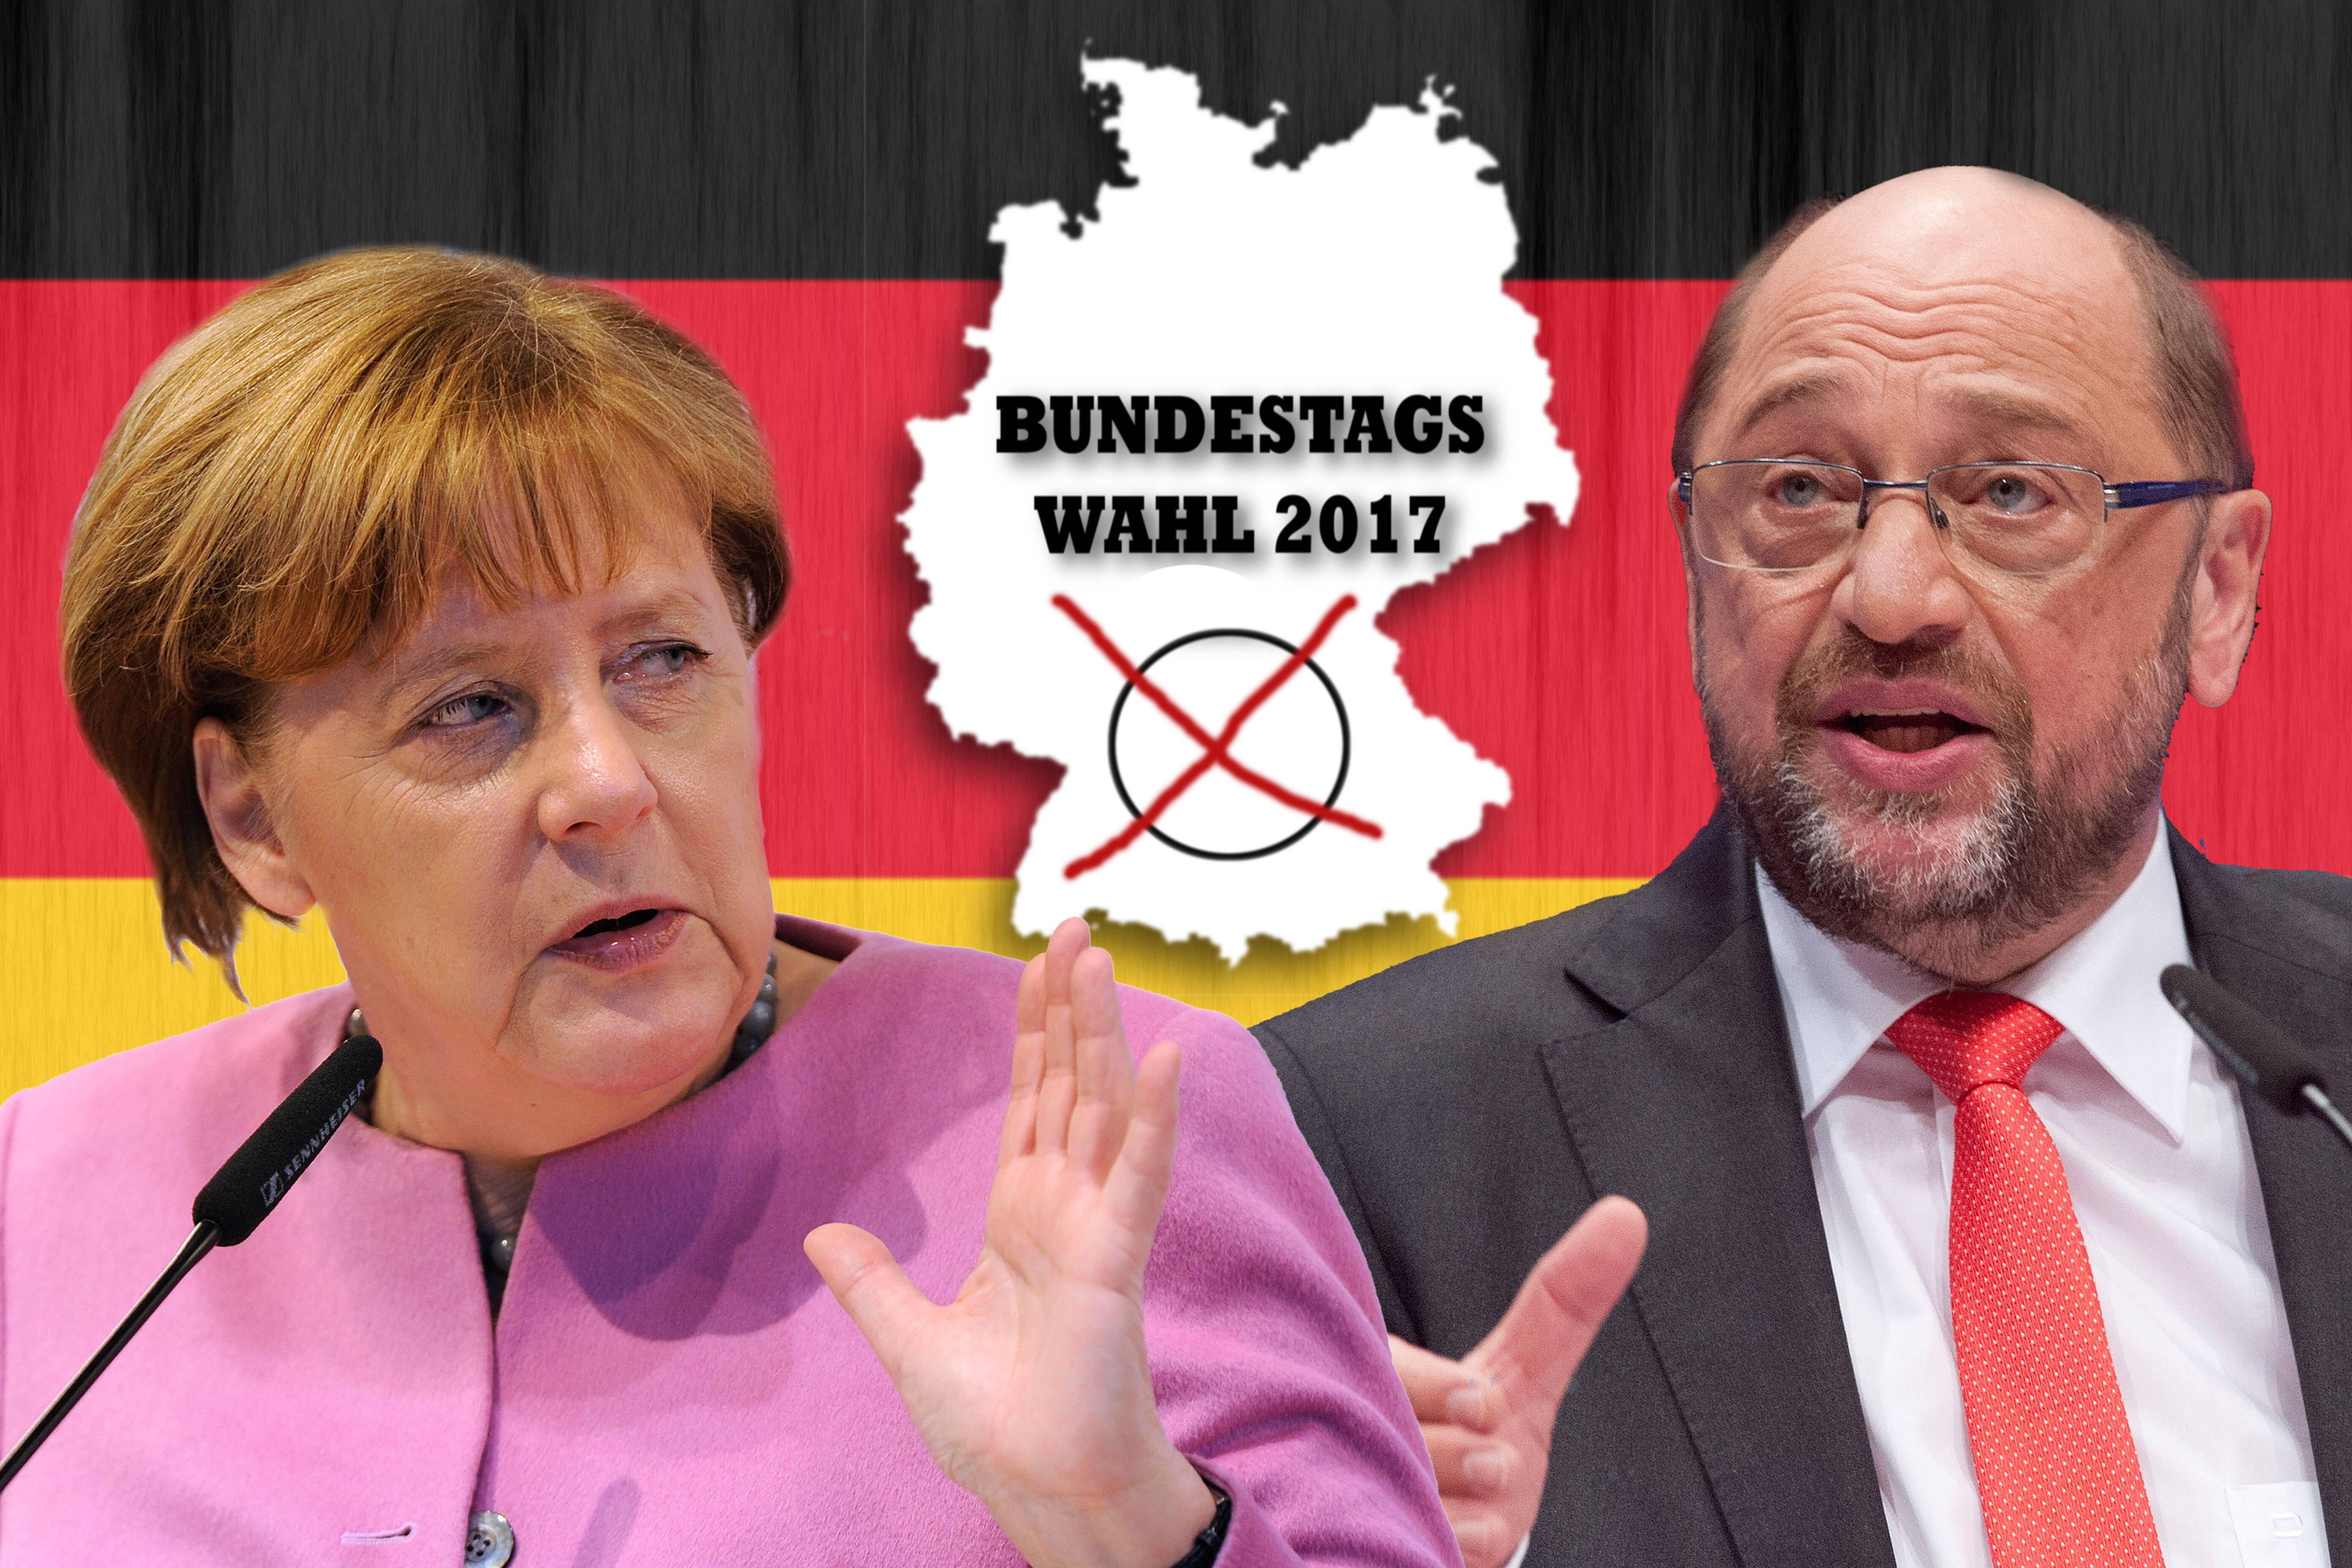 Bild zu TV Duell, Bundestagswahl, Martin Schulz, Angela Merkel